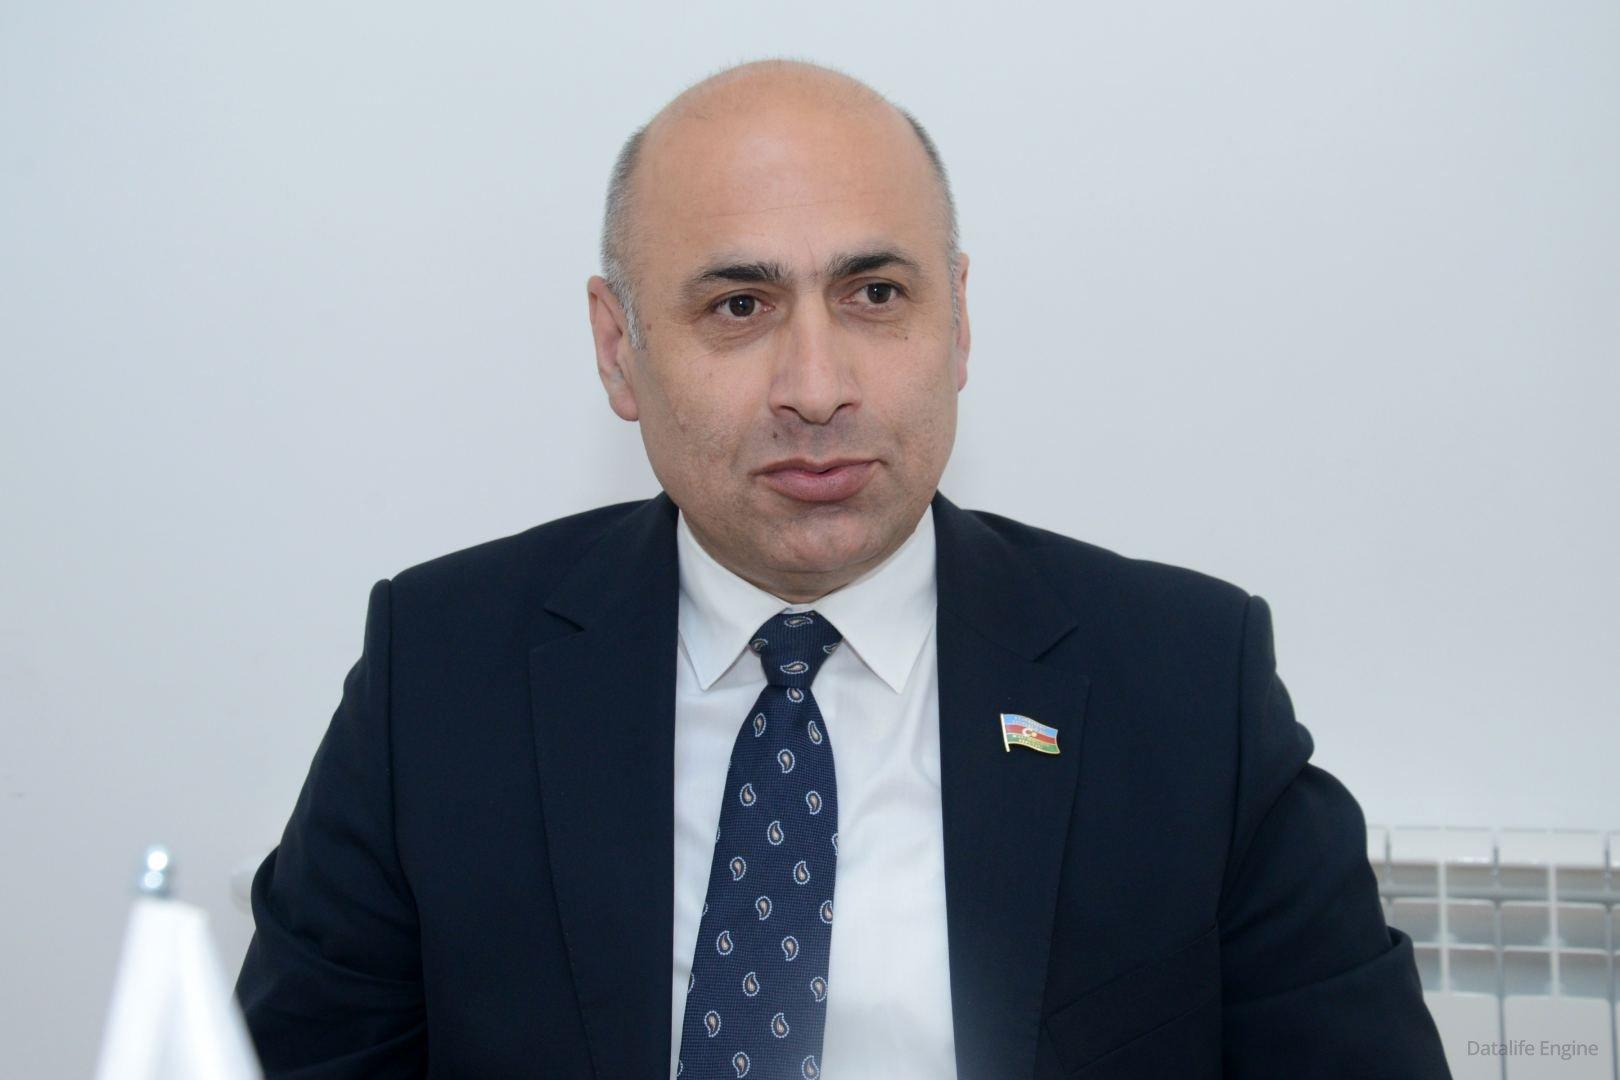 Ermənistan bu gün illərlə törətdiyi cinayətlərin cavabını alır - Azər Badamov